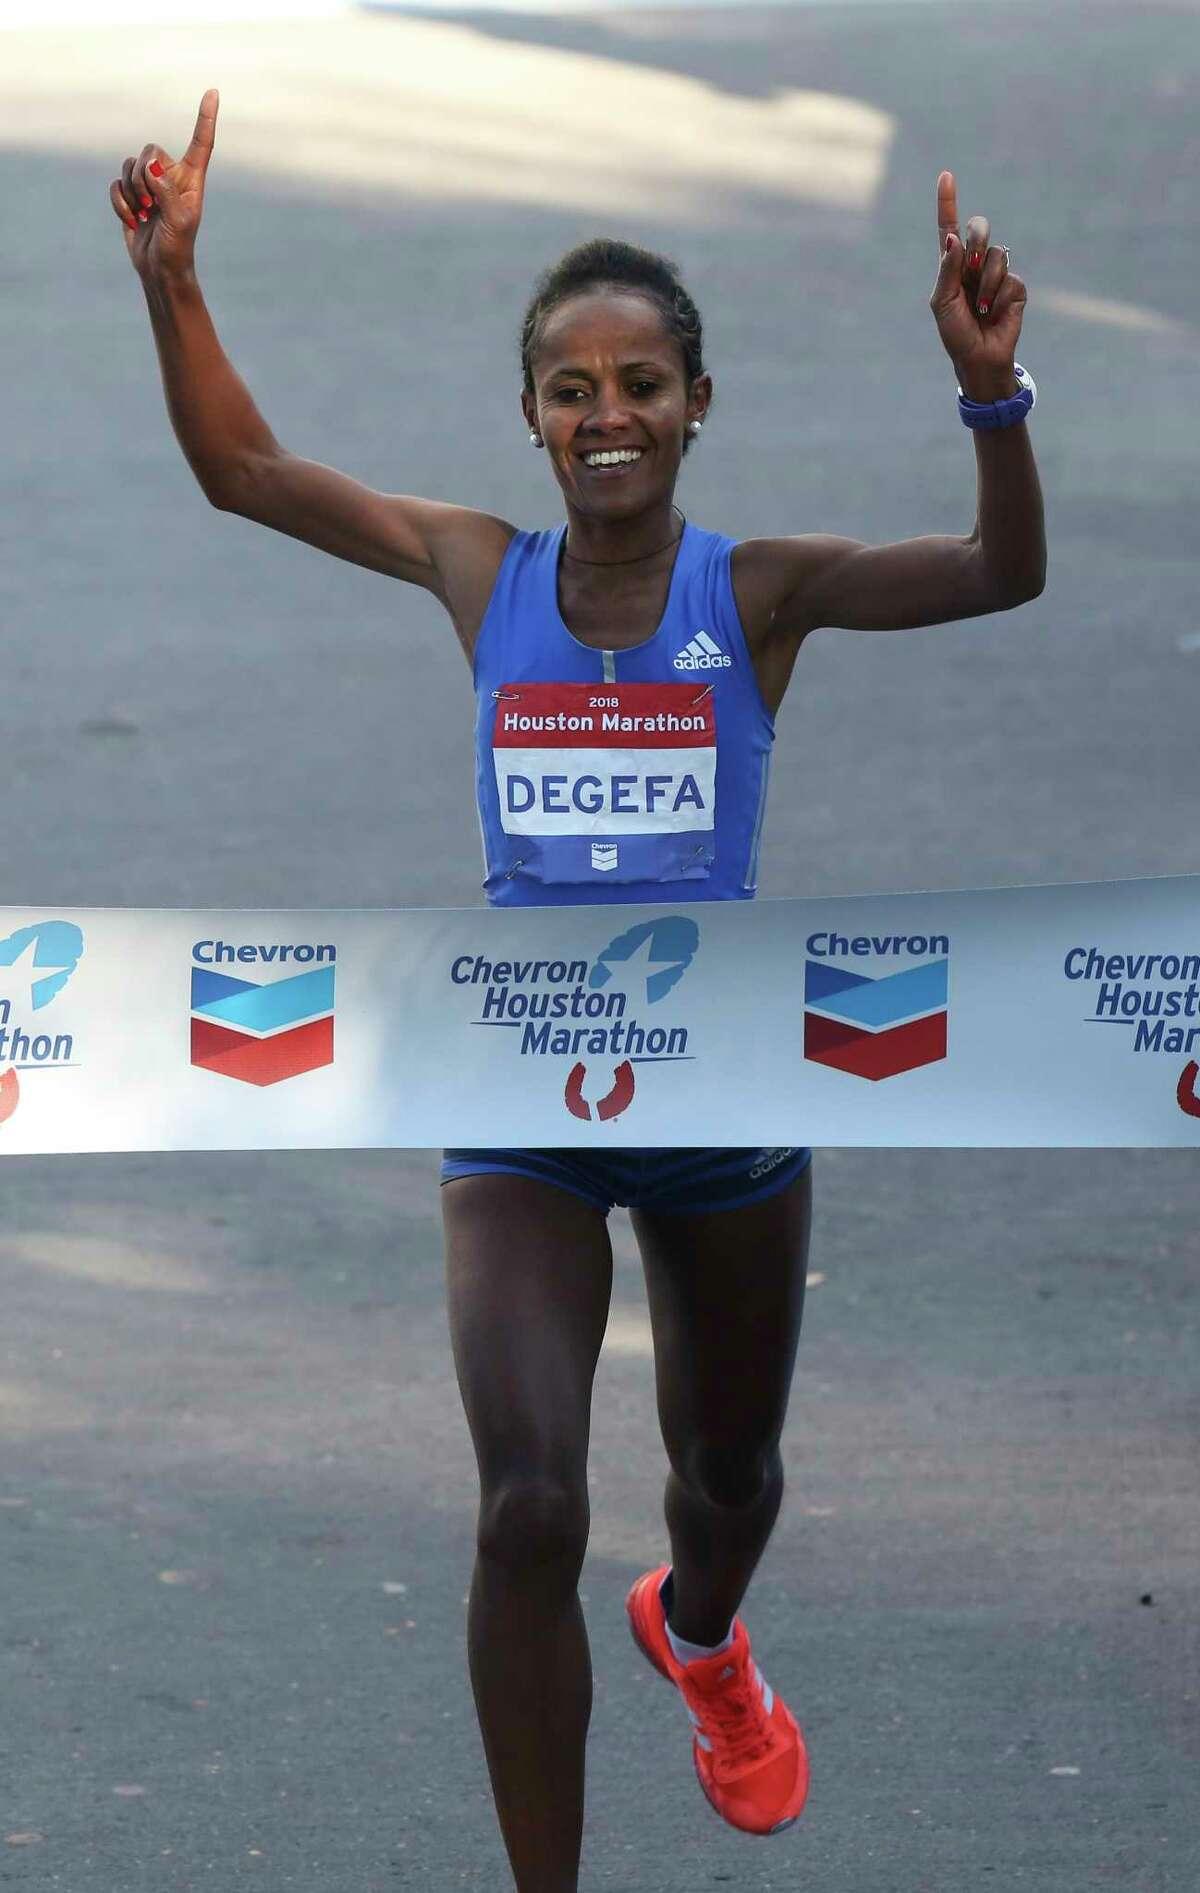 Ethiopian runner Biruktayit Degefa crosses the Chevron Houston Marathon finish line and wins the women's race on Sunday, Jan. 14, 2018, in Houston.( Yi-Chin Lee / Houston Chronicle )